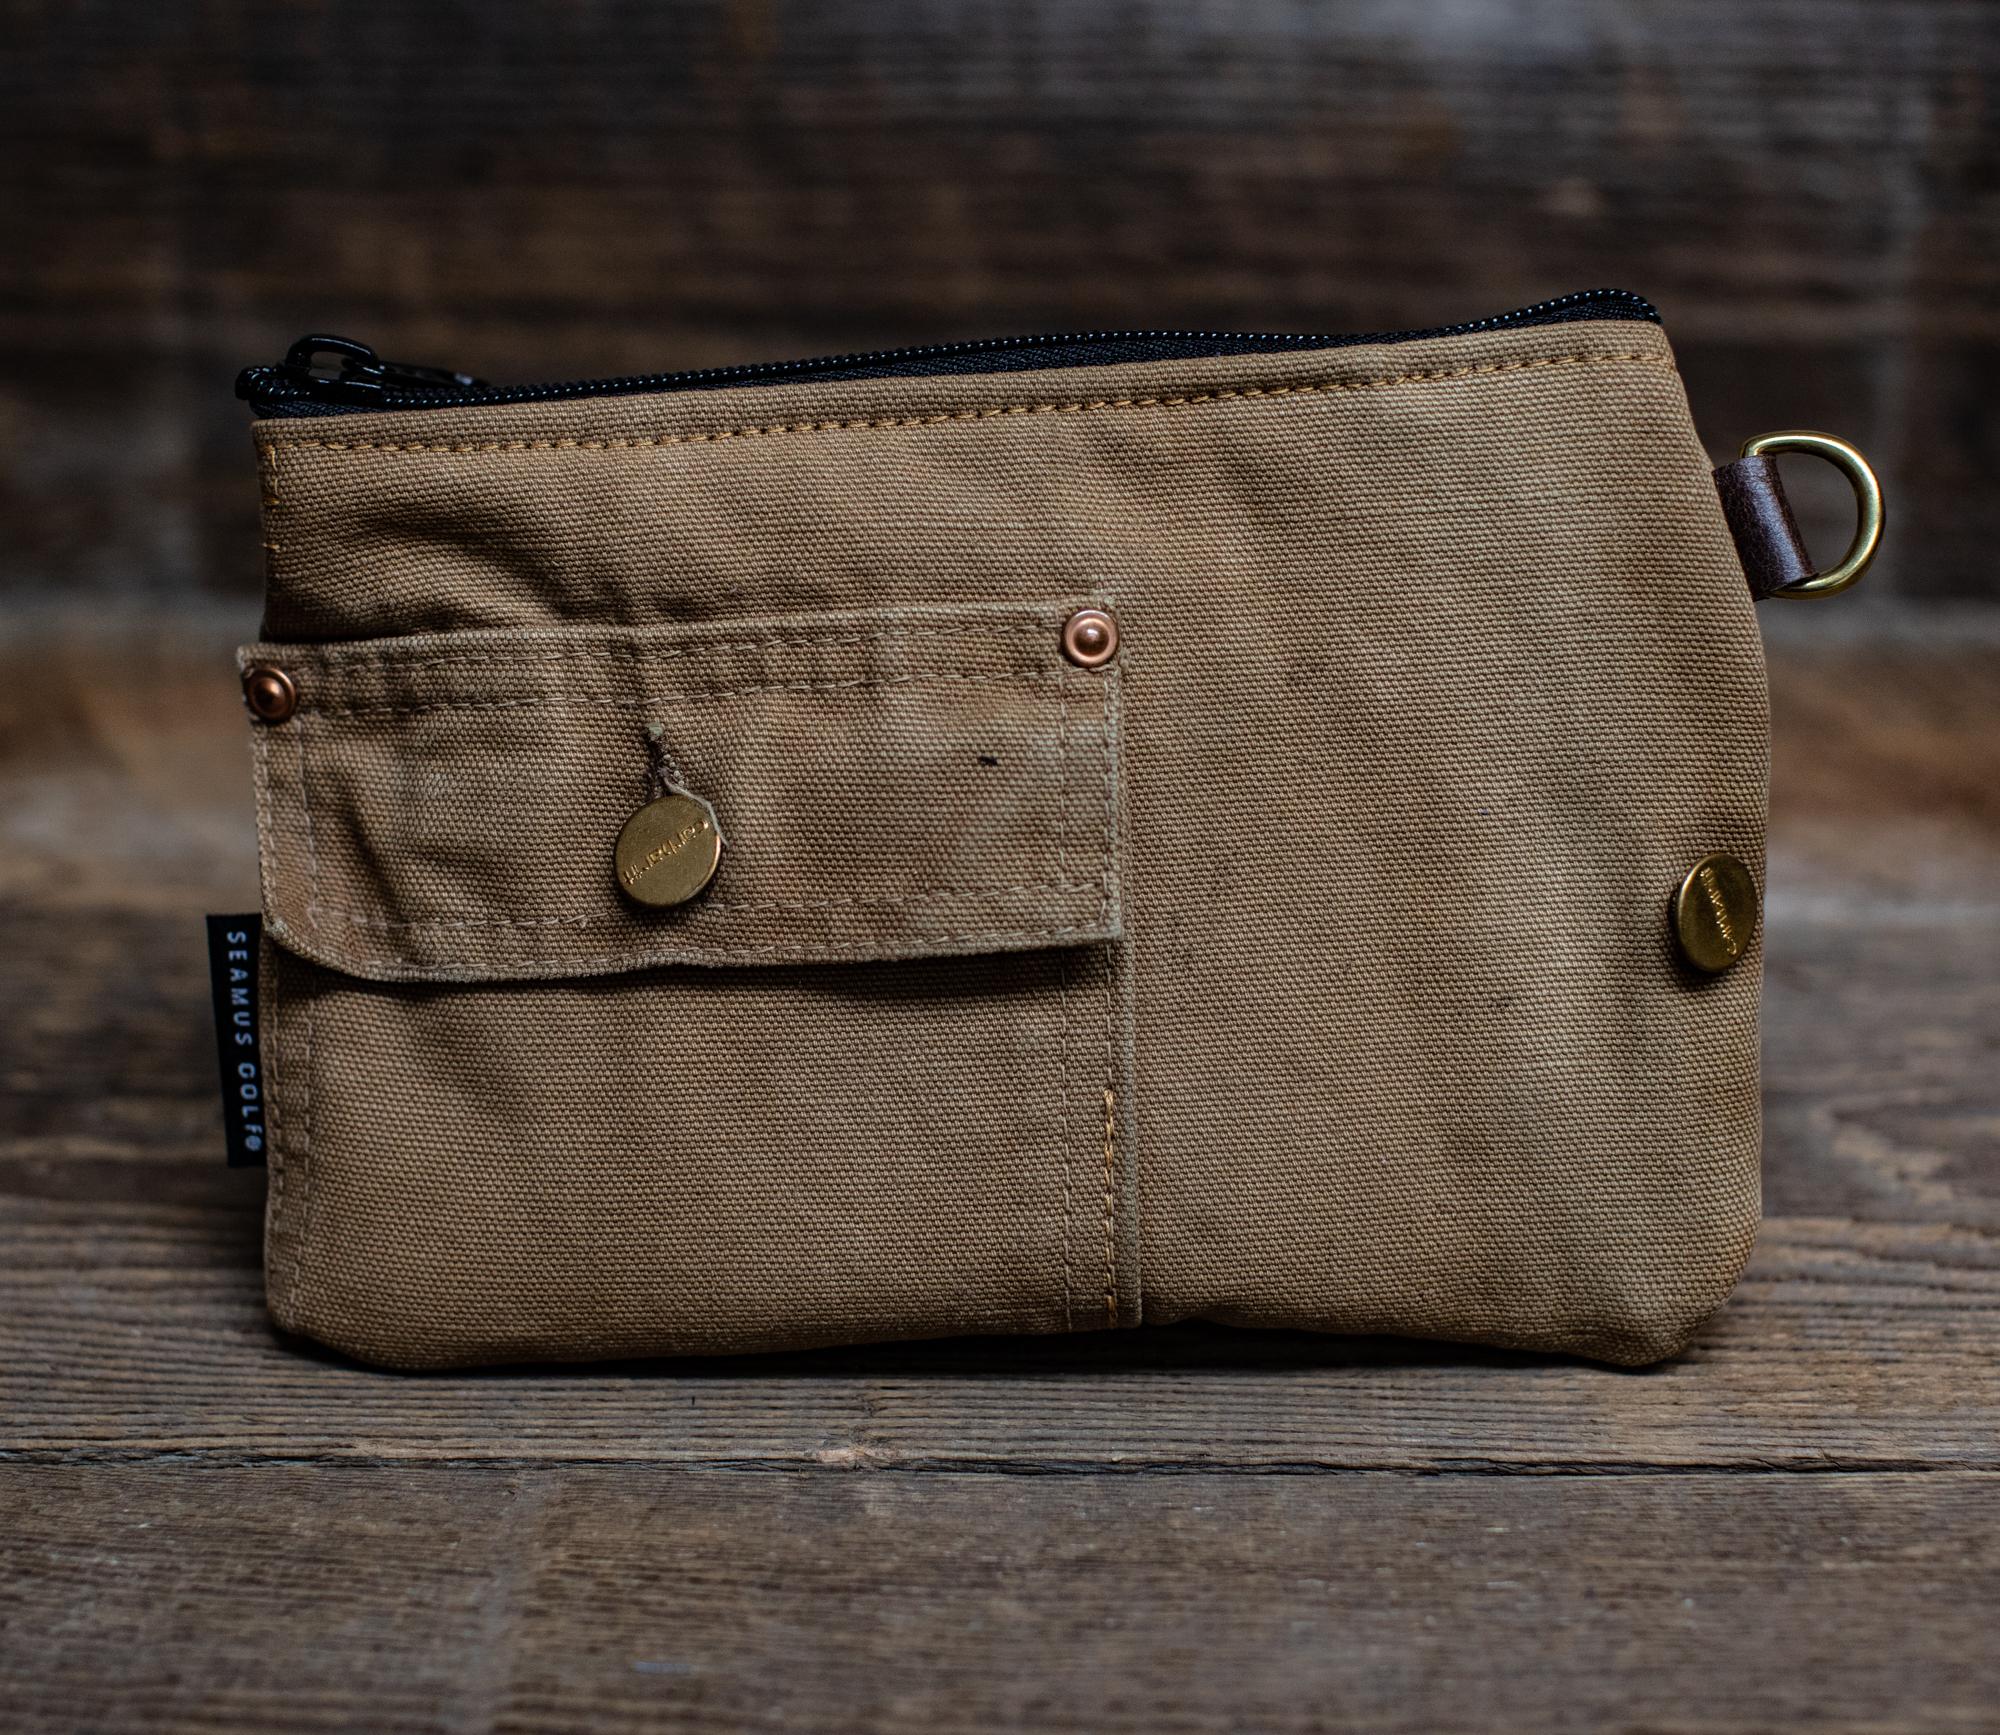 20180815-brownjacketcovers&bag-199jacketcovers4.jpg